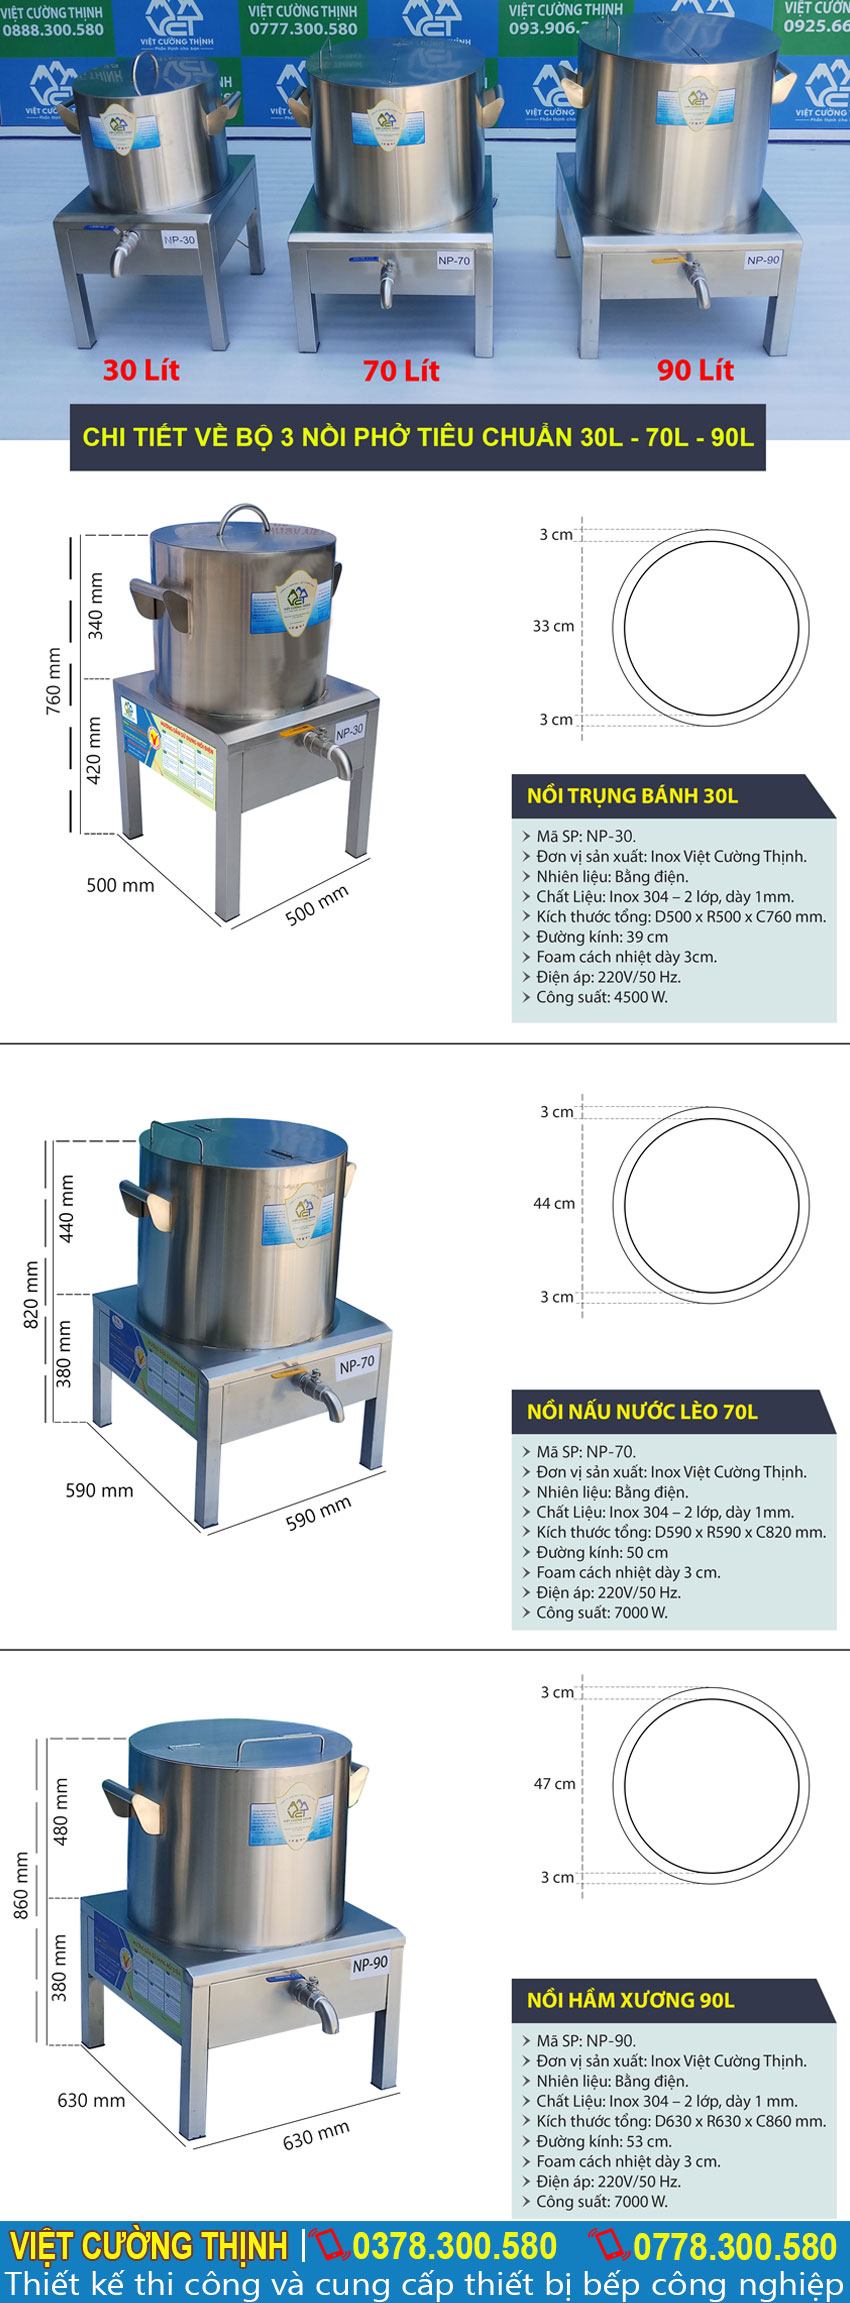 Thông số kỹ thuật Bộ 3 Nồi Nấu Phở Bằng Điện Tiêu Chuẩn 30L – 70L – 90L